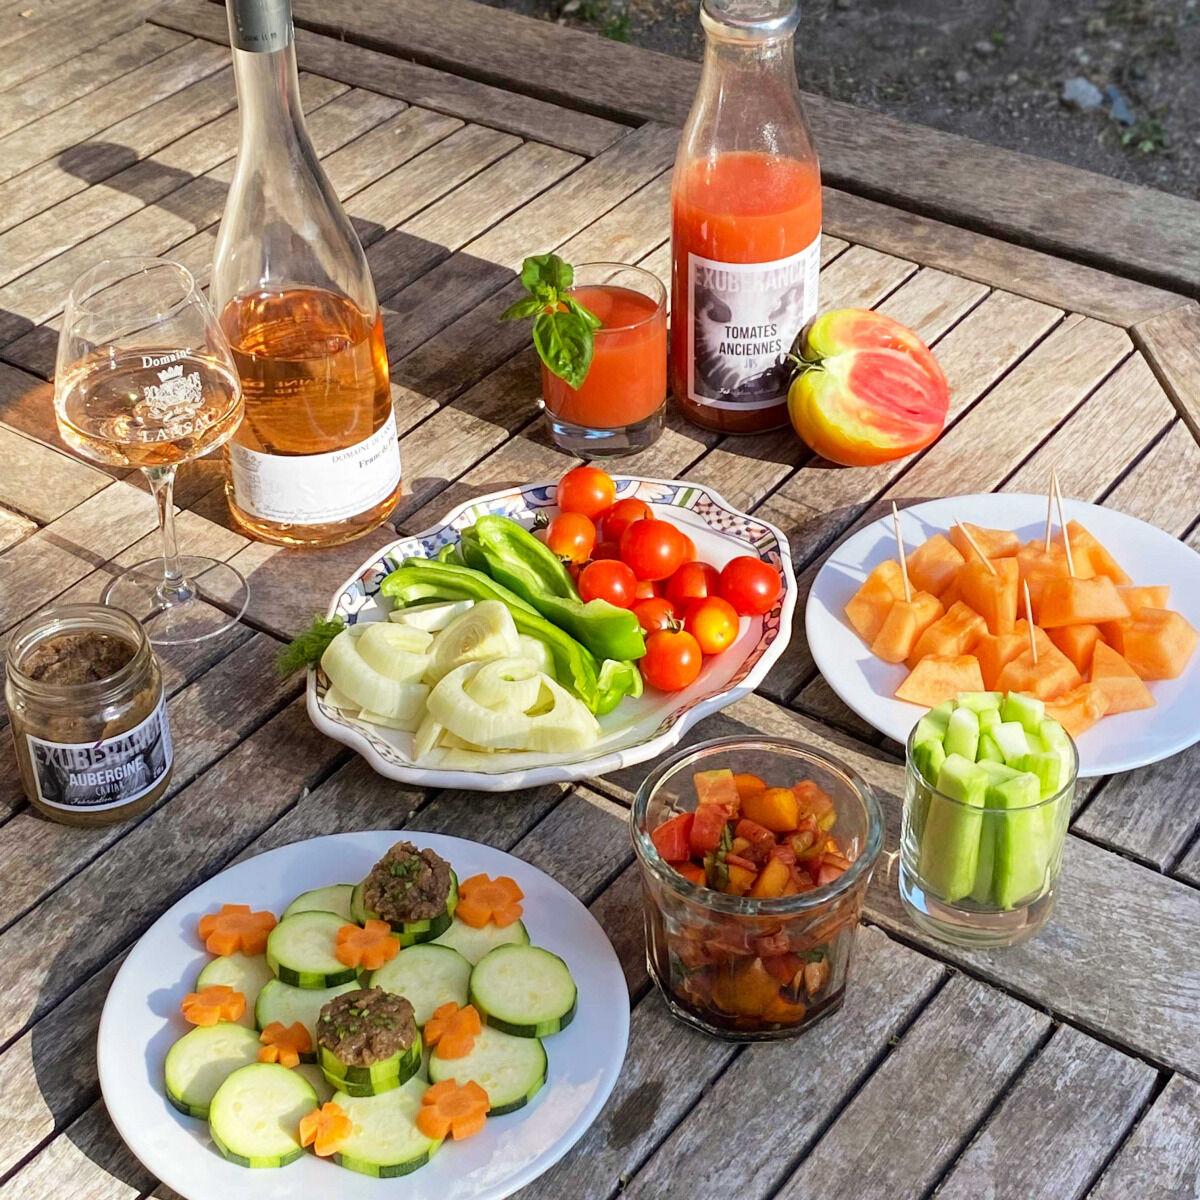 La Boite à Herbes Panier Apéro : Fruits, Légumes et vin